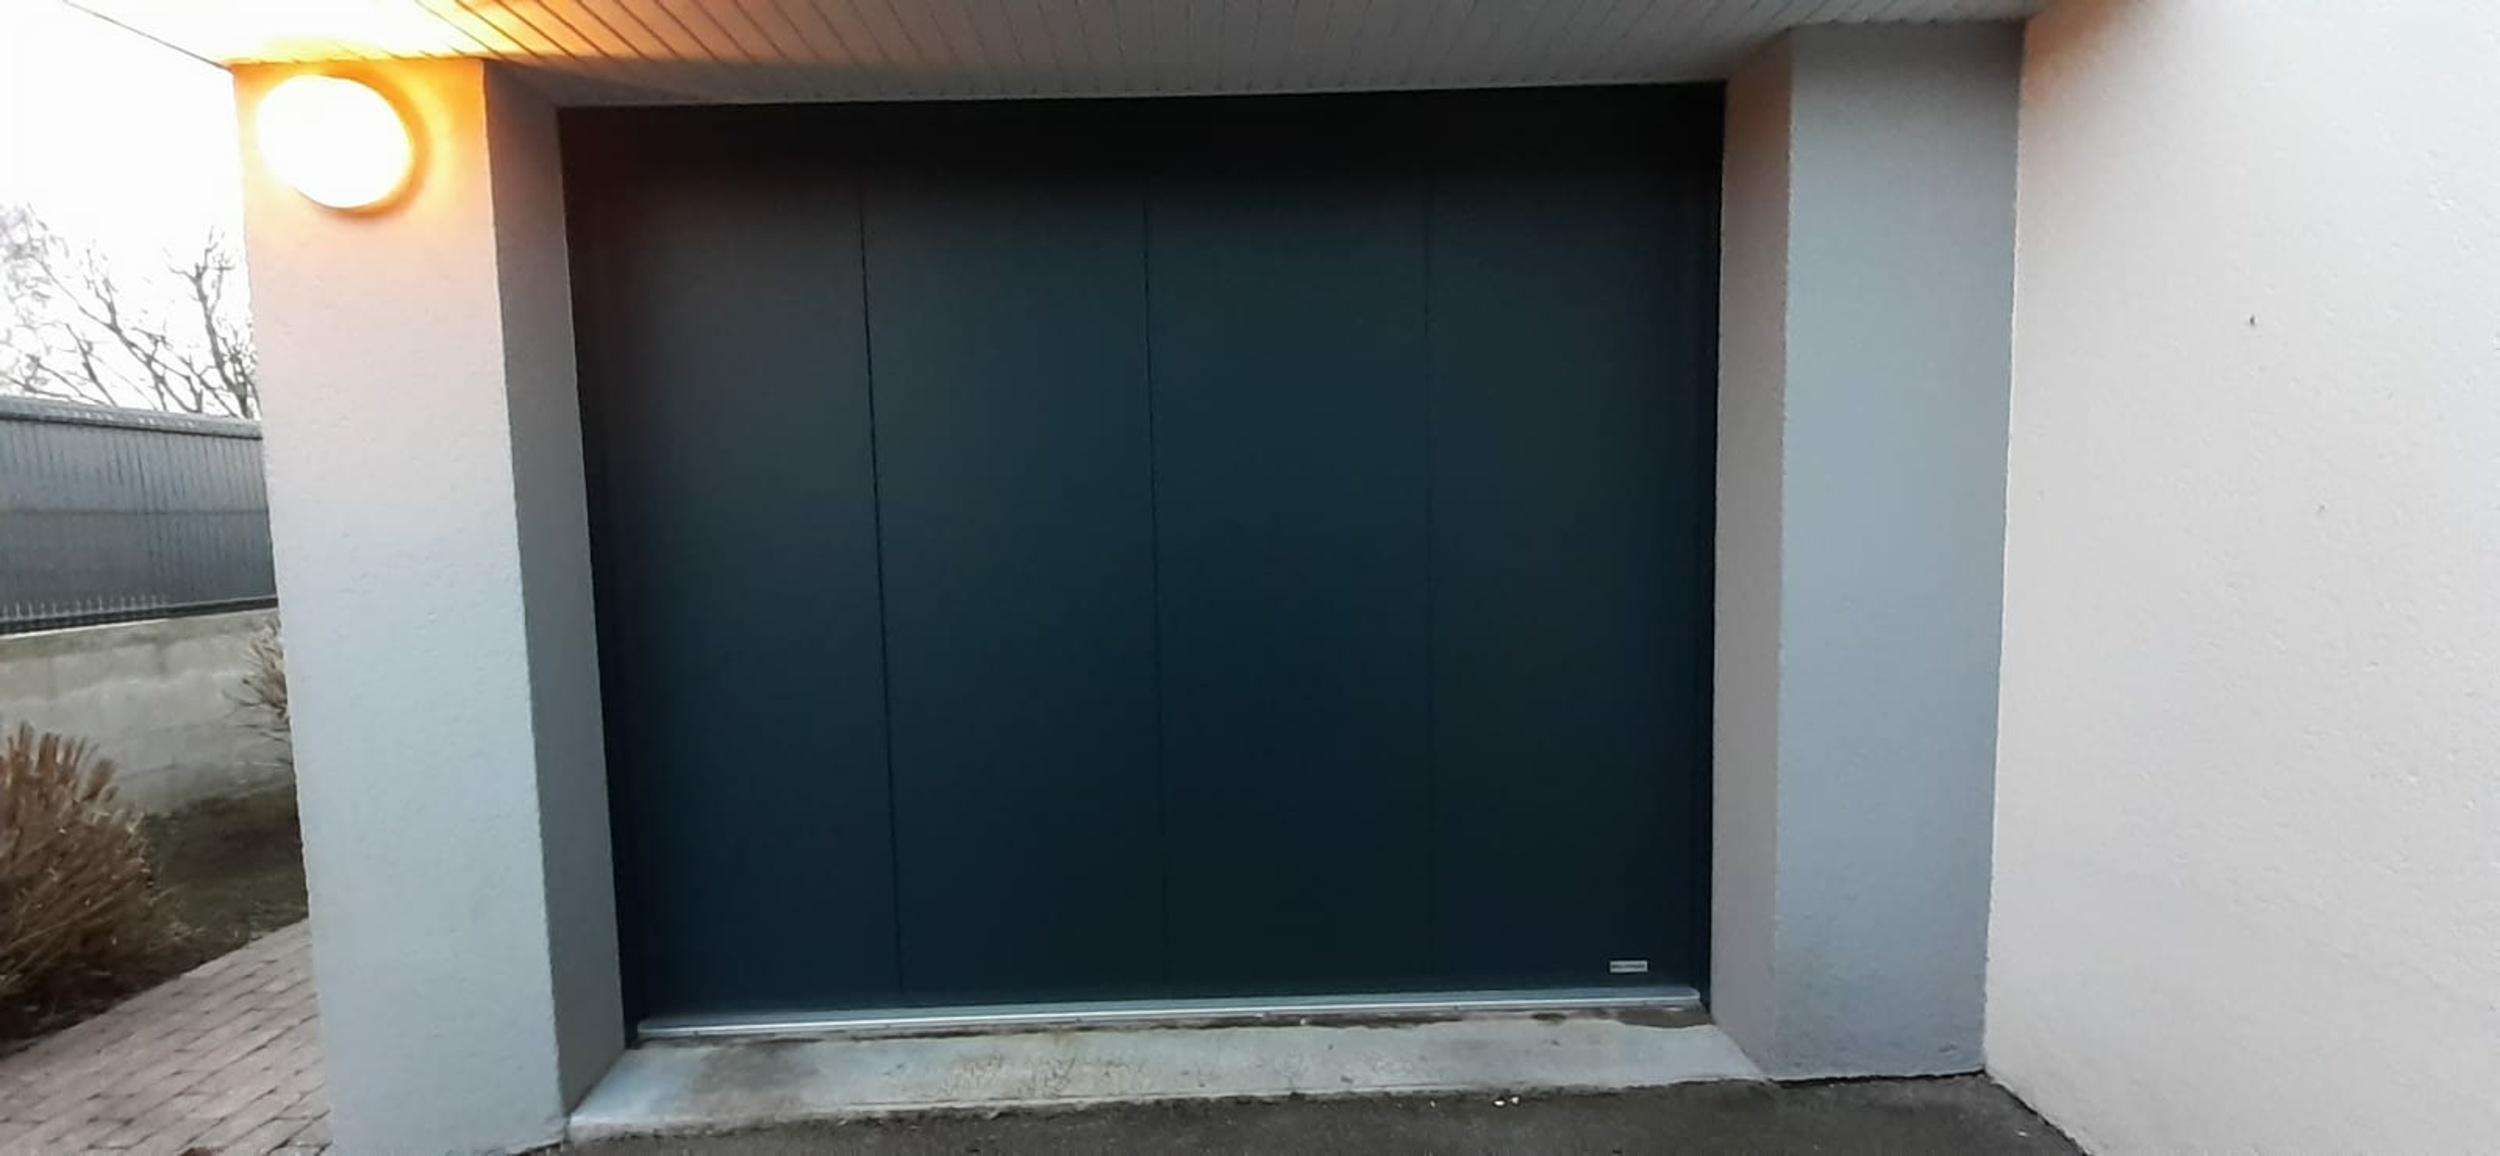 Changement porte de garage : installation d''une porte motorisée grise - Ploemeur